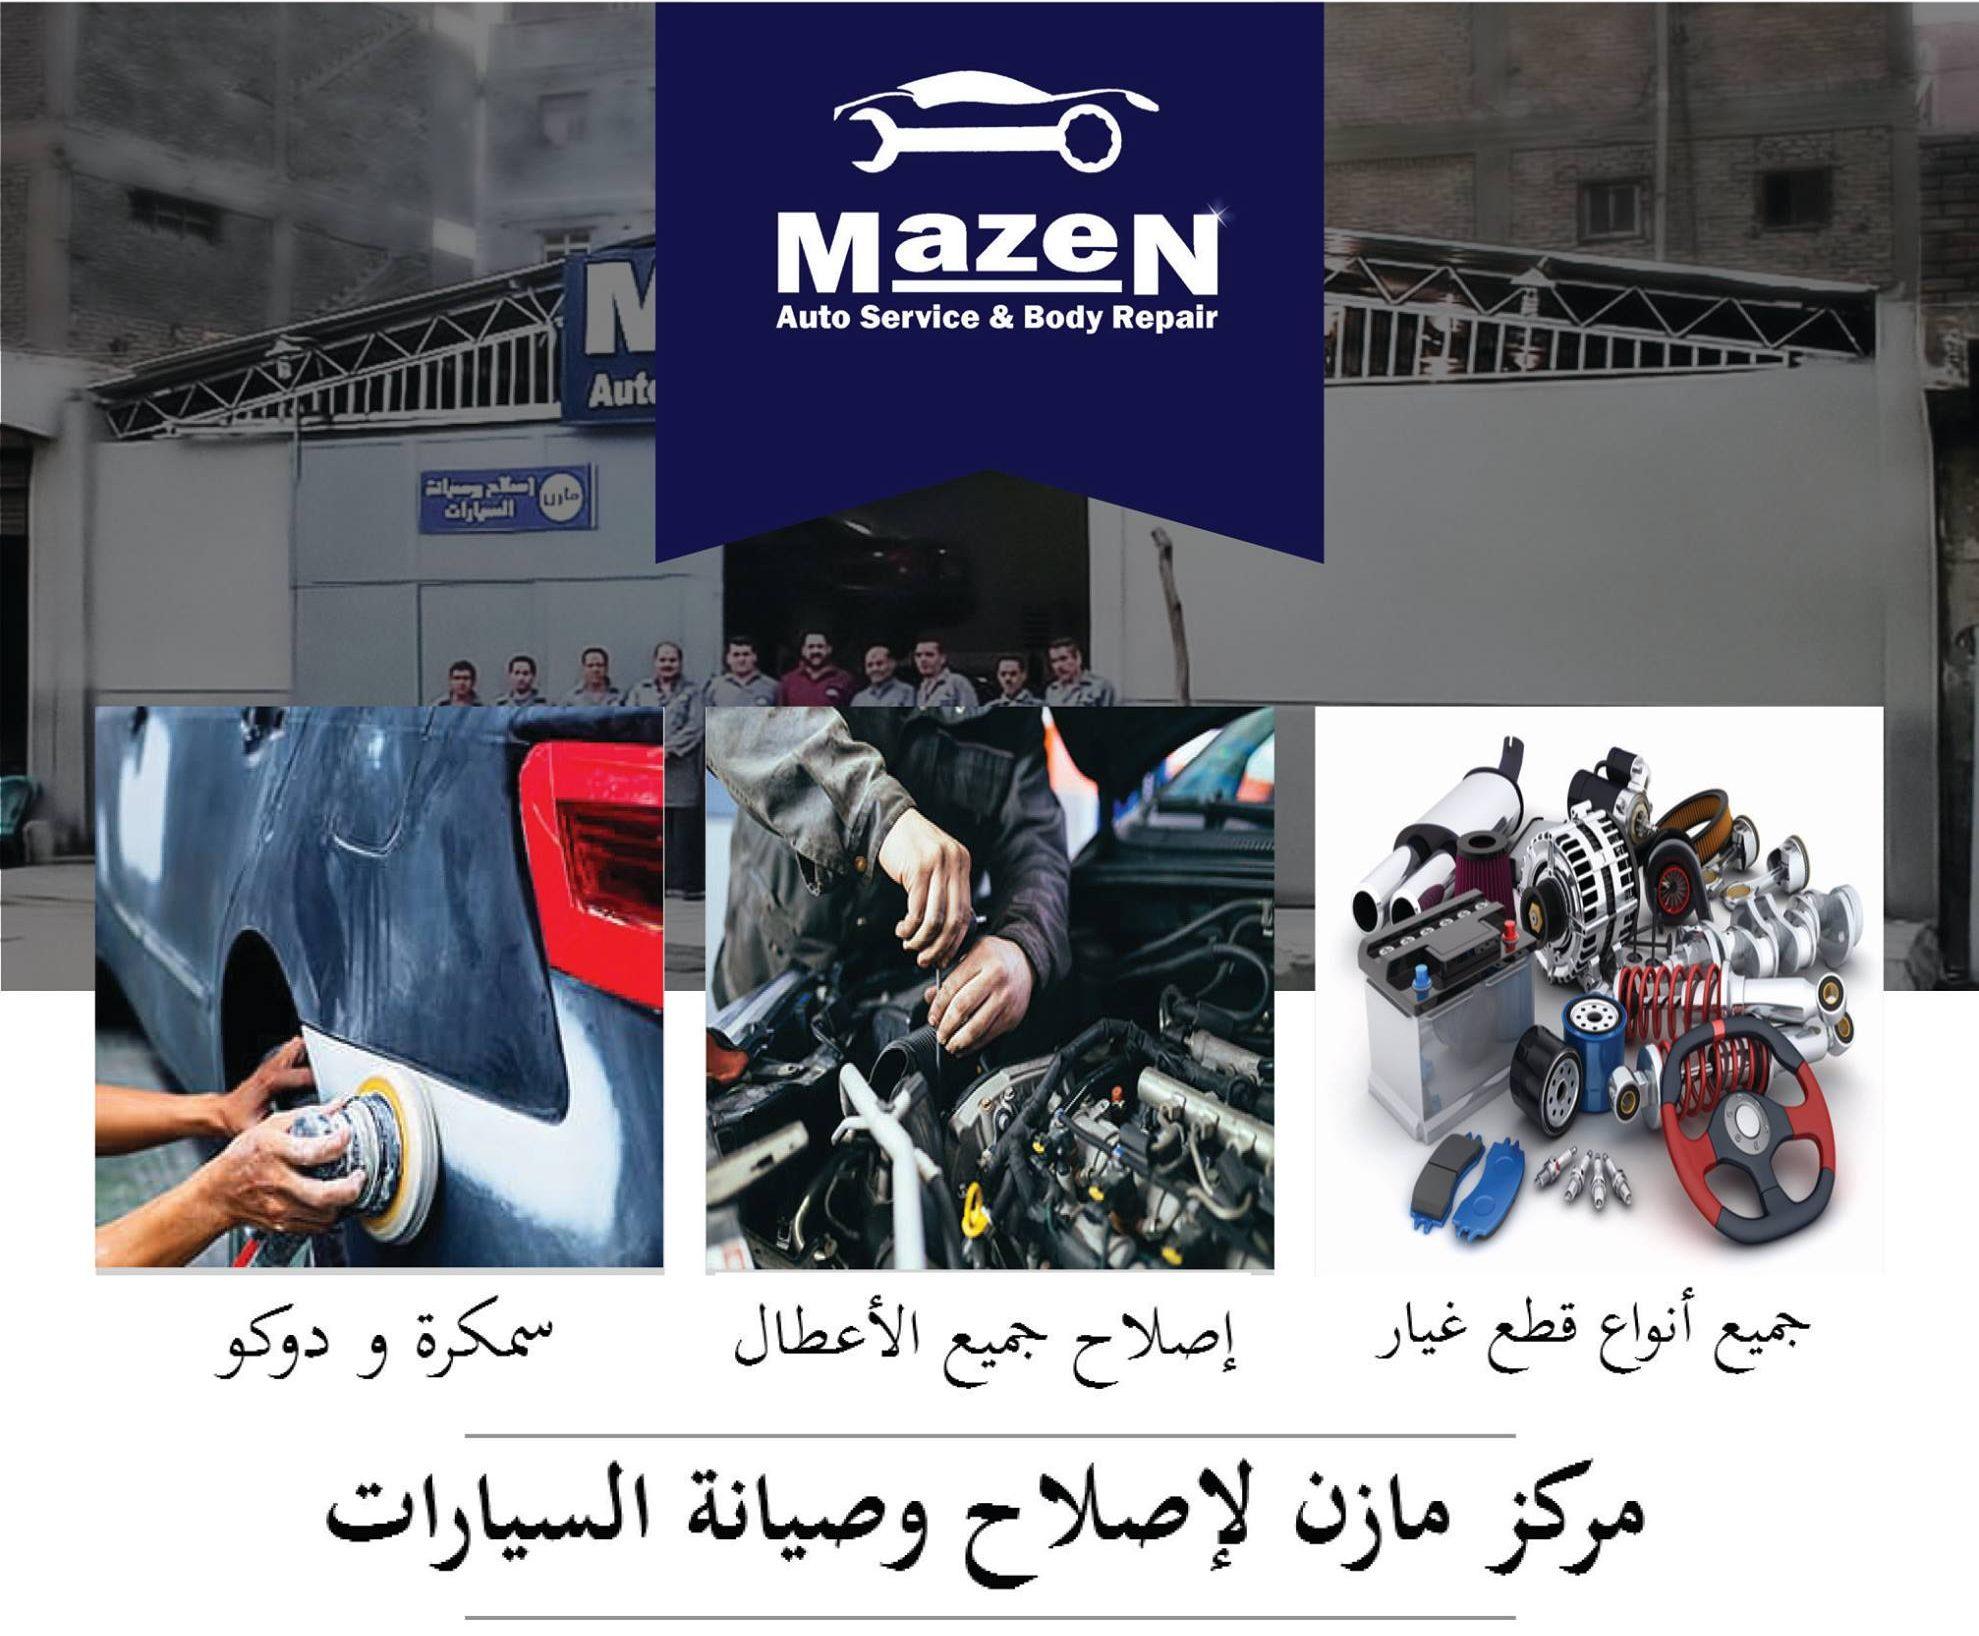 Mazen Auto Service & Body Repair